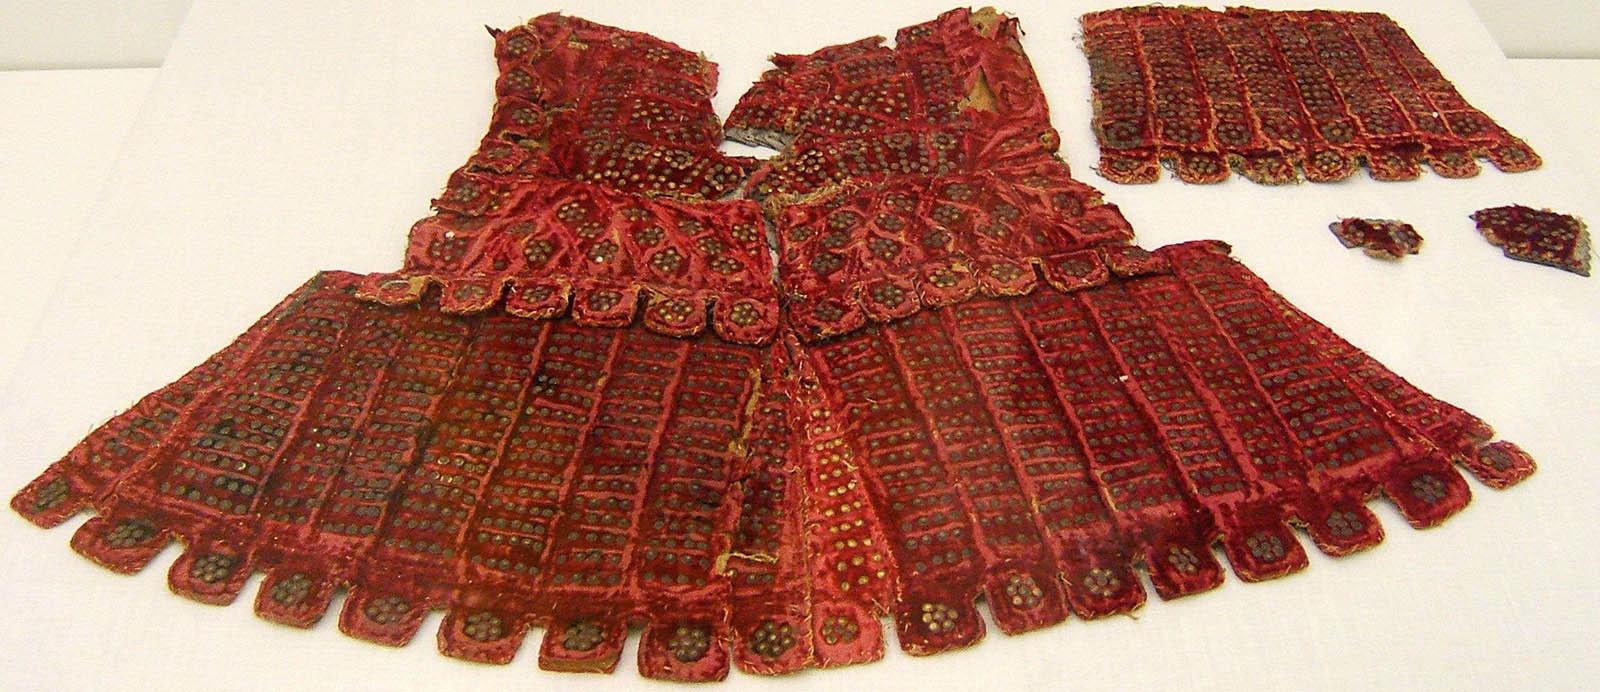 Brigandine_suit_XV_-_XVI_centuries_Army_Museum_of_Toledo_Alcázar_Spain